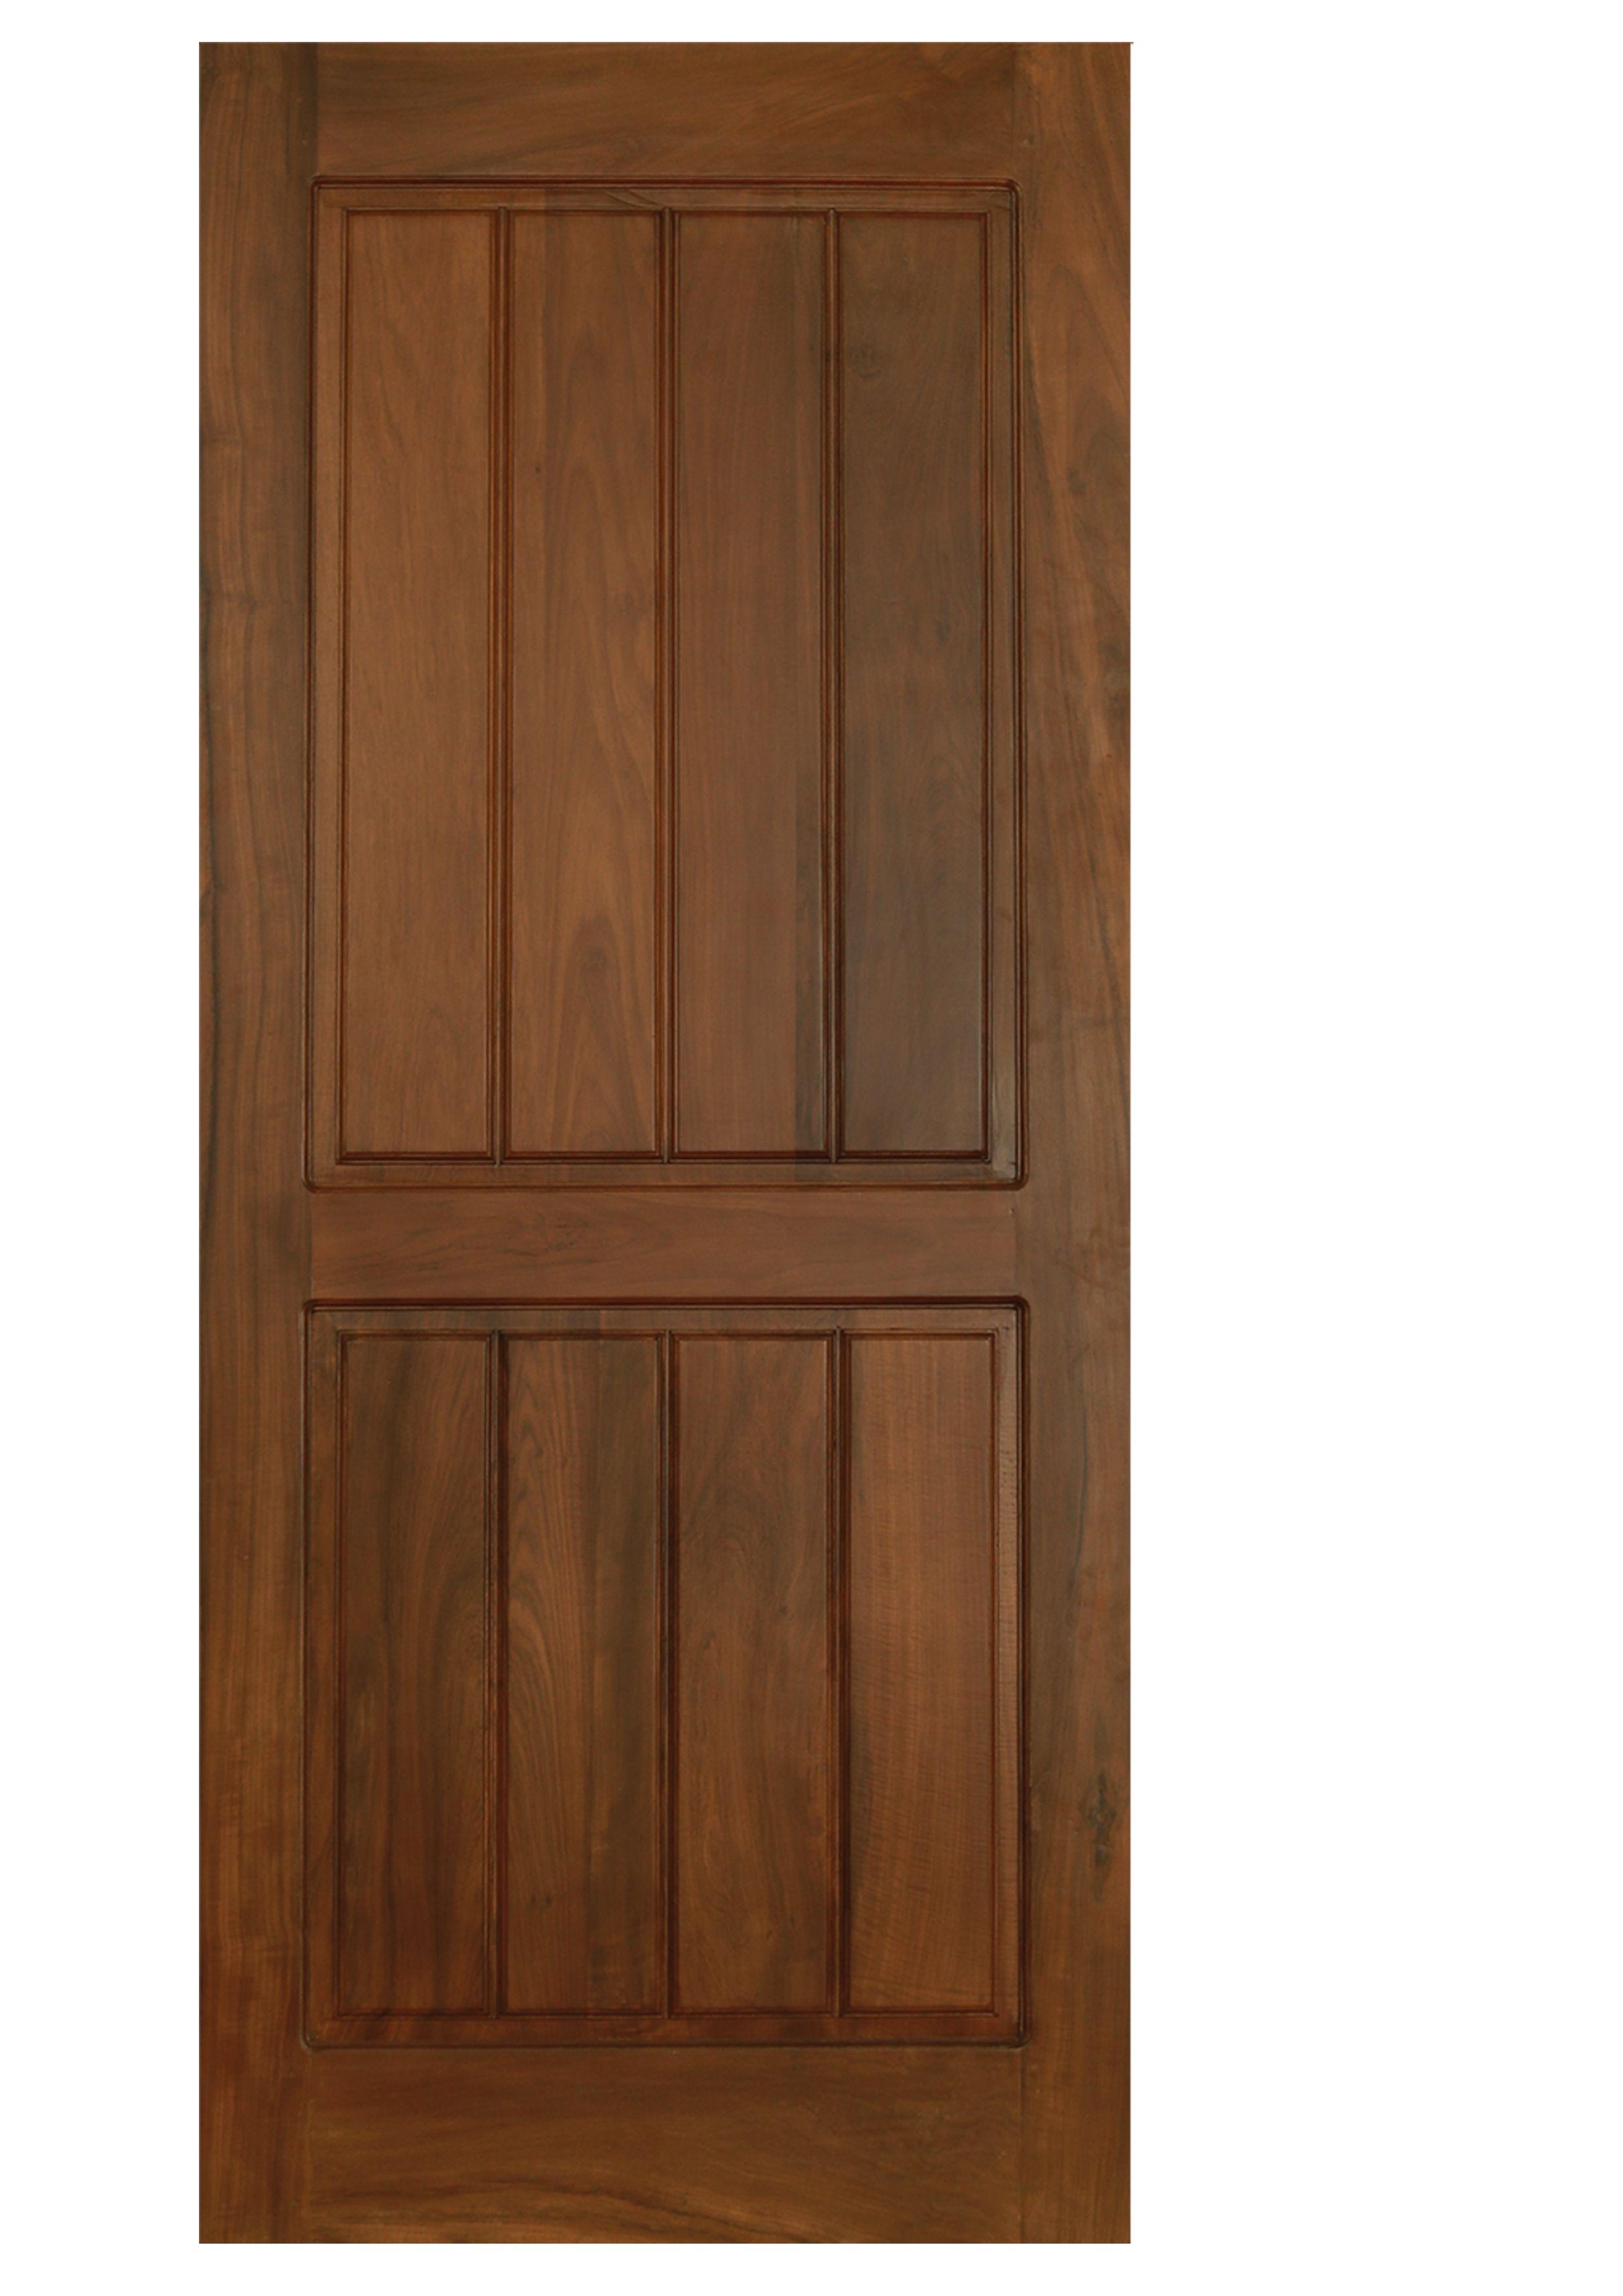 Classic Teak Wood Entry Door Solid Wood Doors Wood Entry Doors Teak Wood